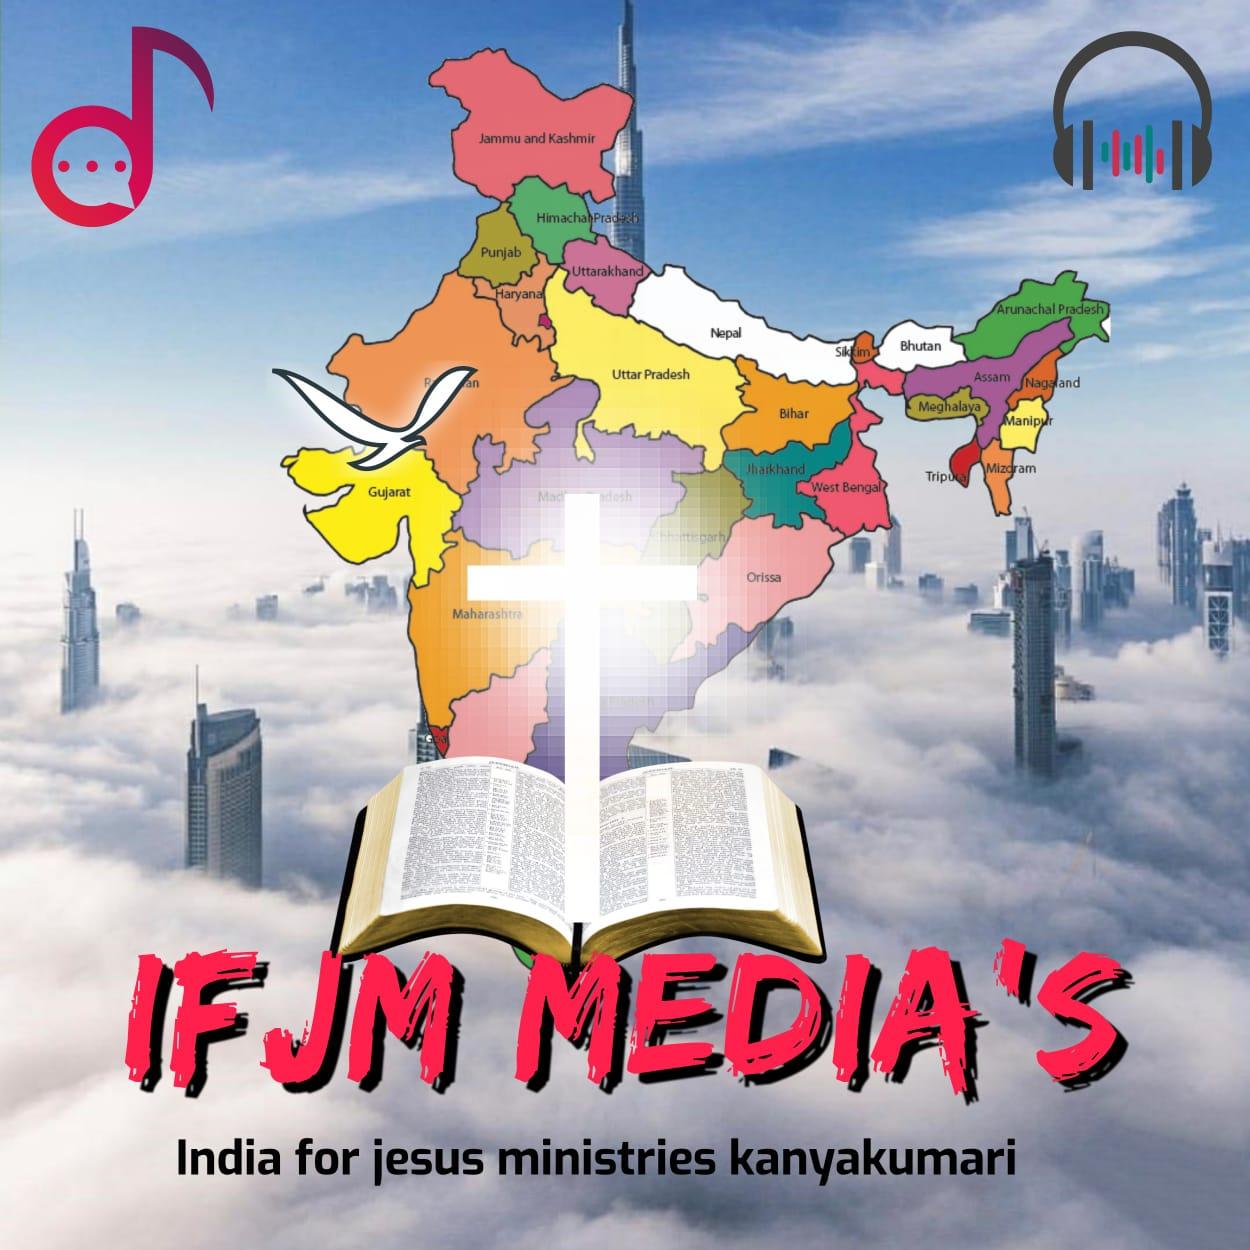 IFJM MEDIAS